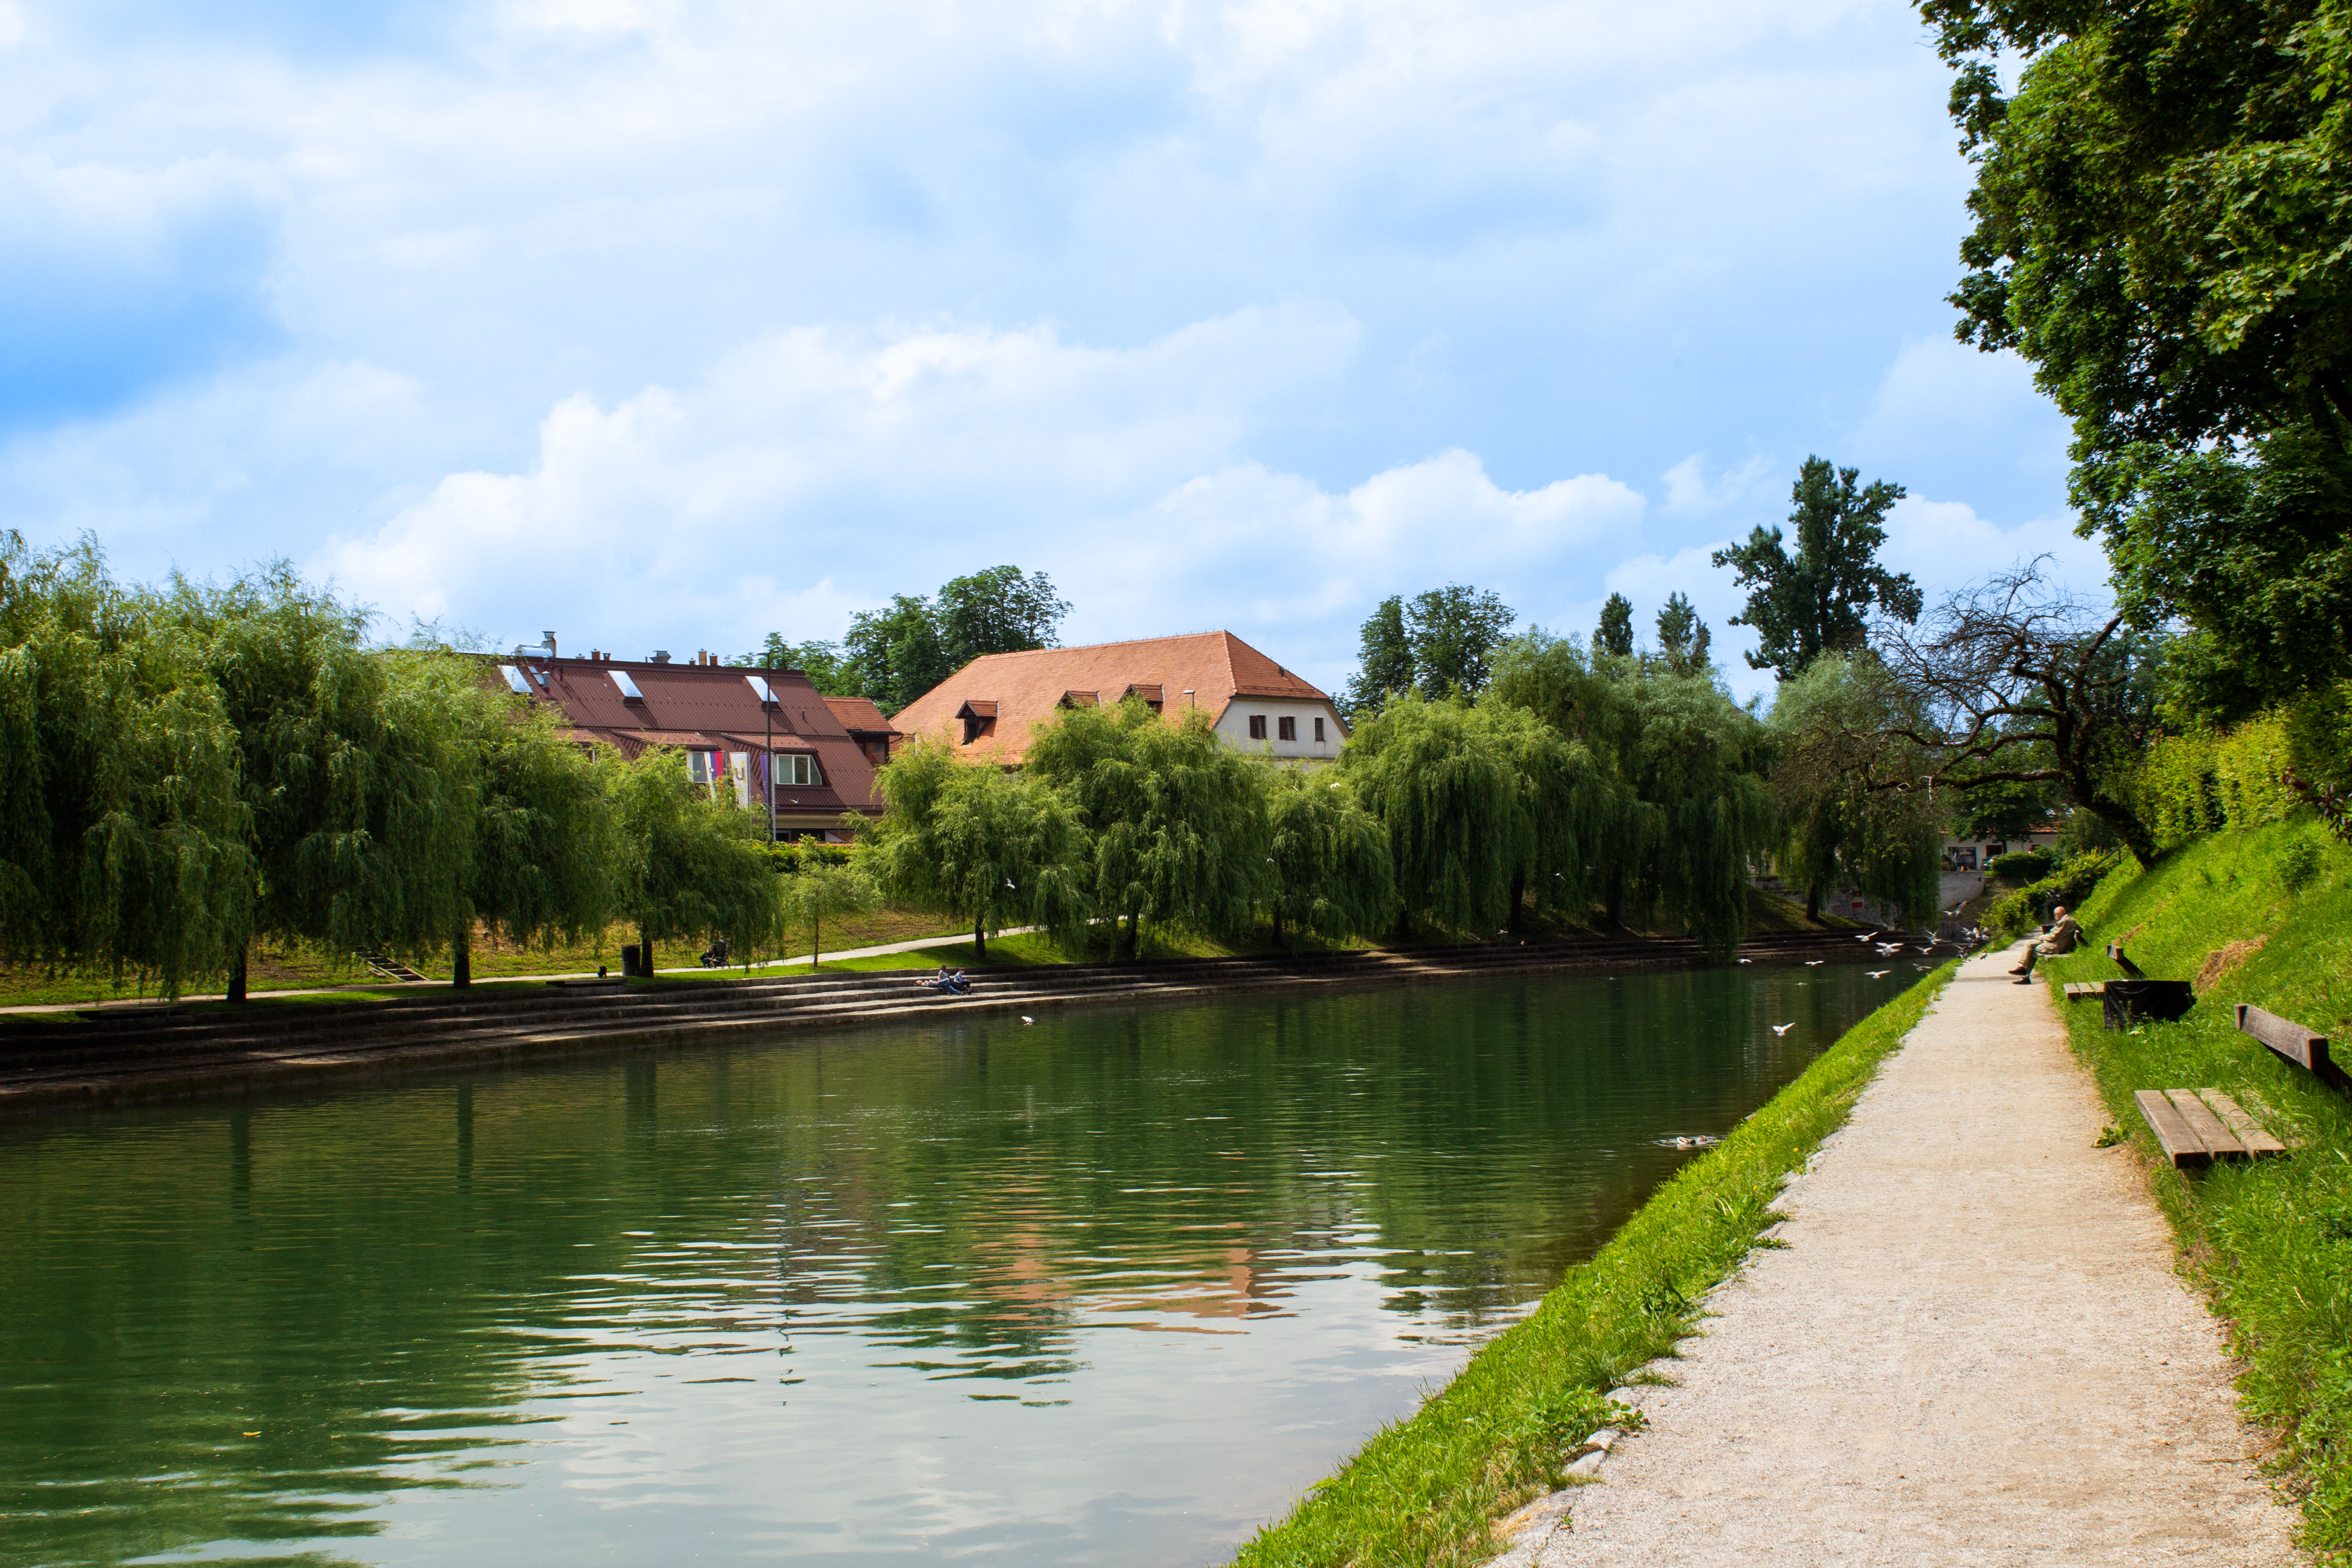 Ljubljanica